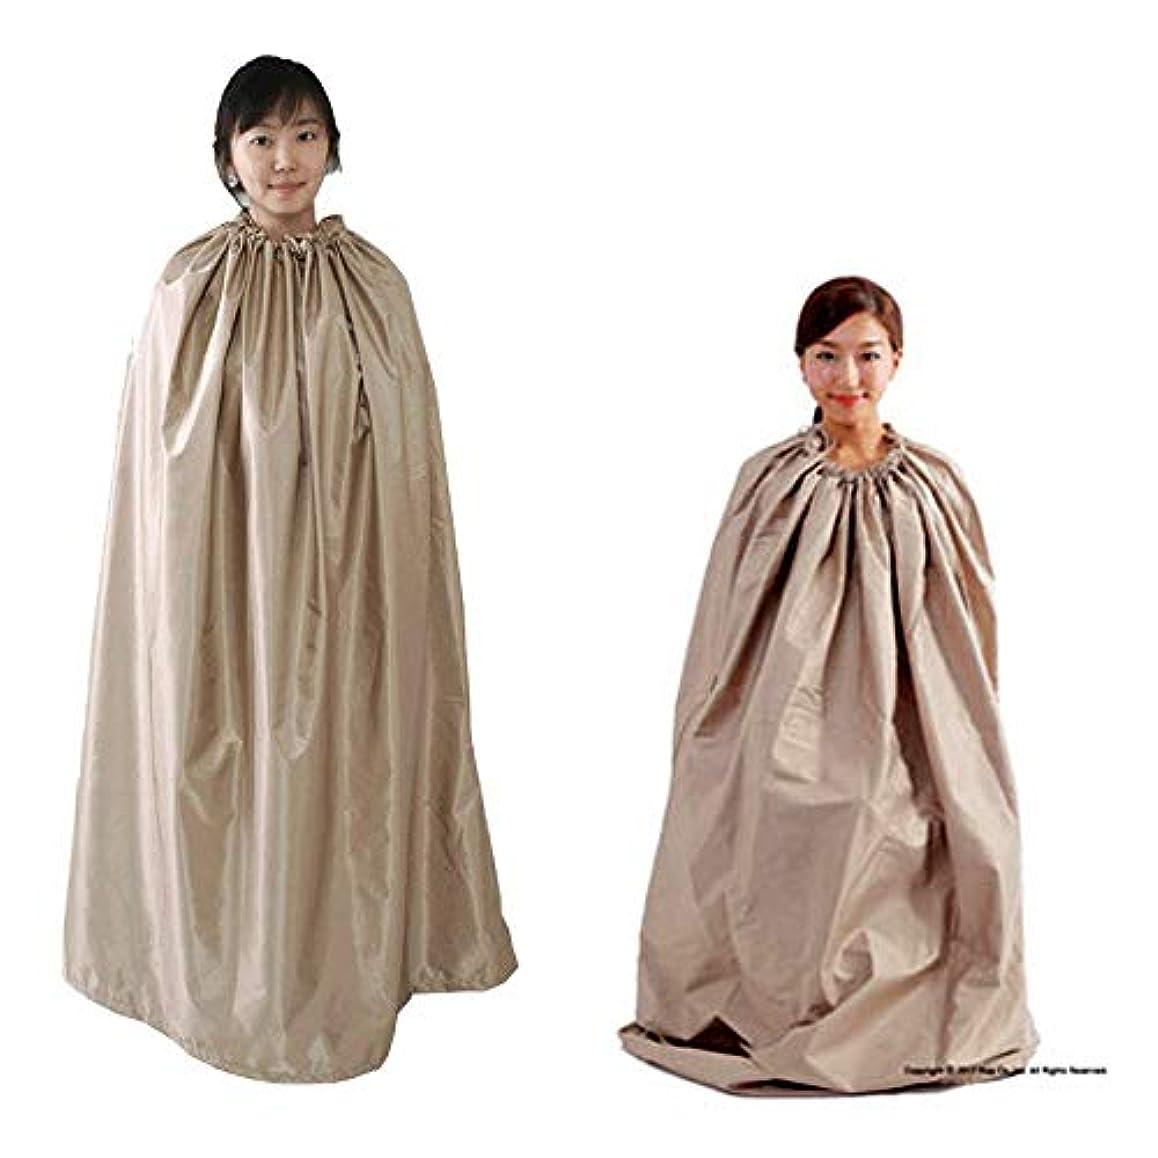 仕えるどちらもヘルパーヨモギ蒸しマント 高級型、布 色はブラウン